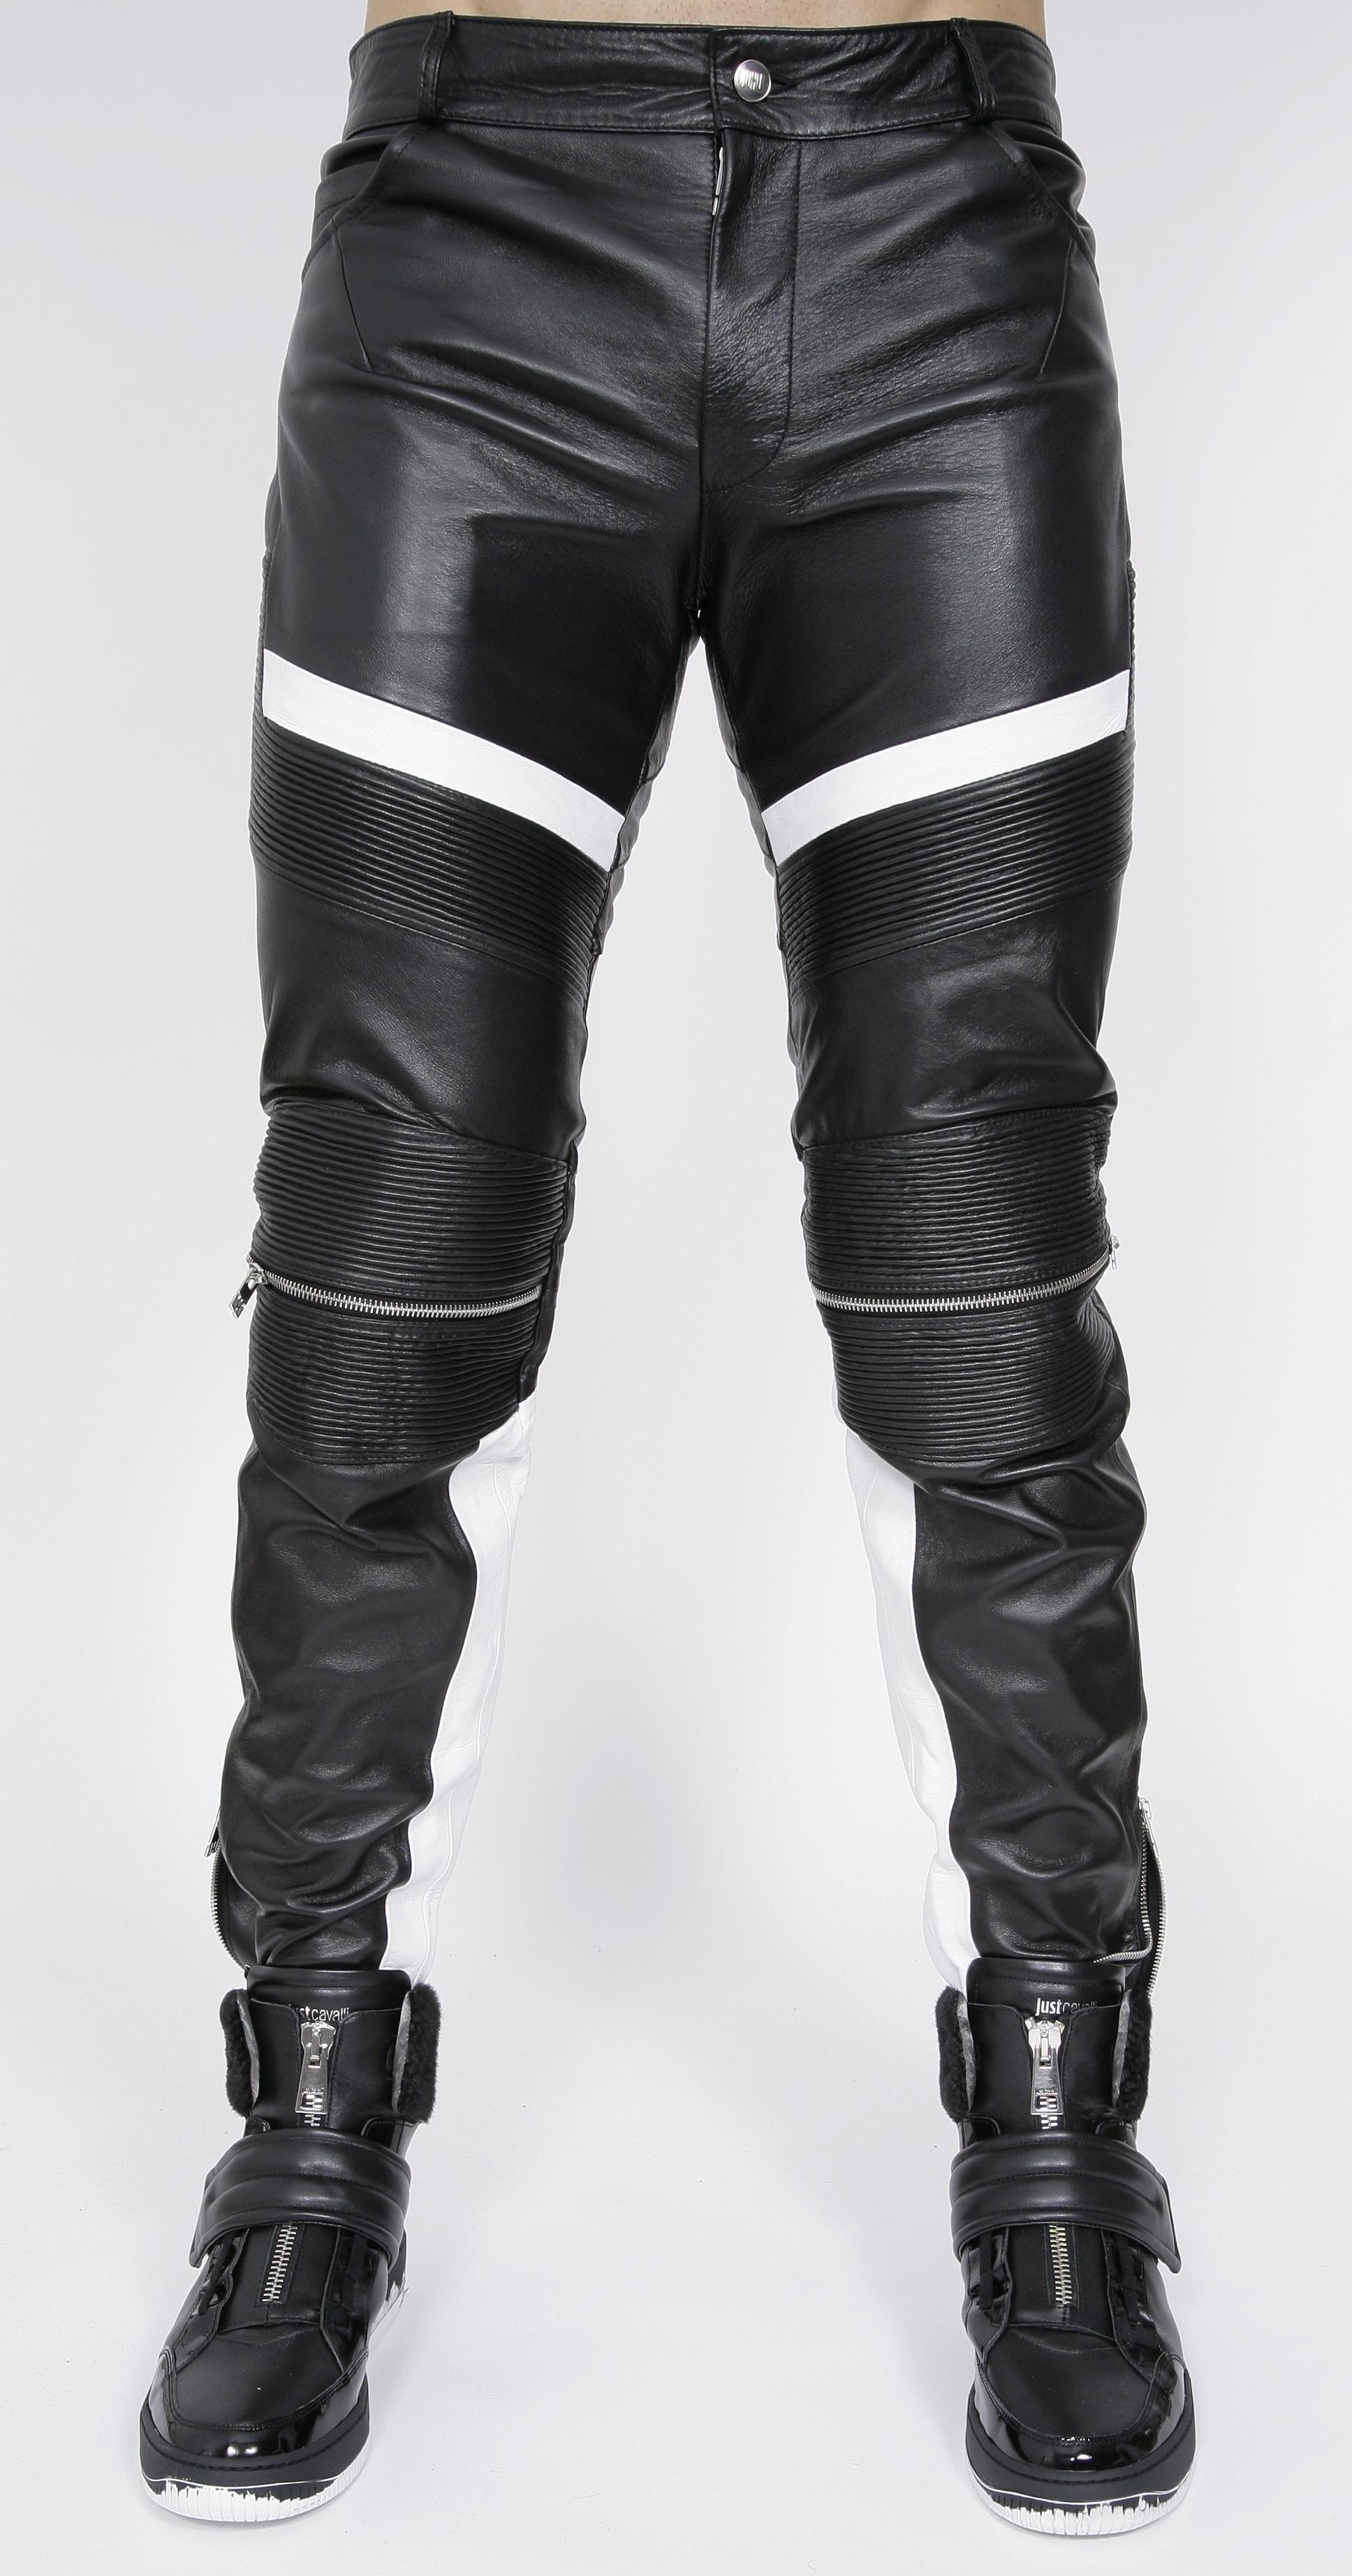 leather biker pants lederhosen bekleidung herren. Black Bedroom Furniture Sets. Home Design Ideas